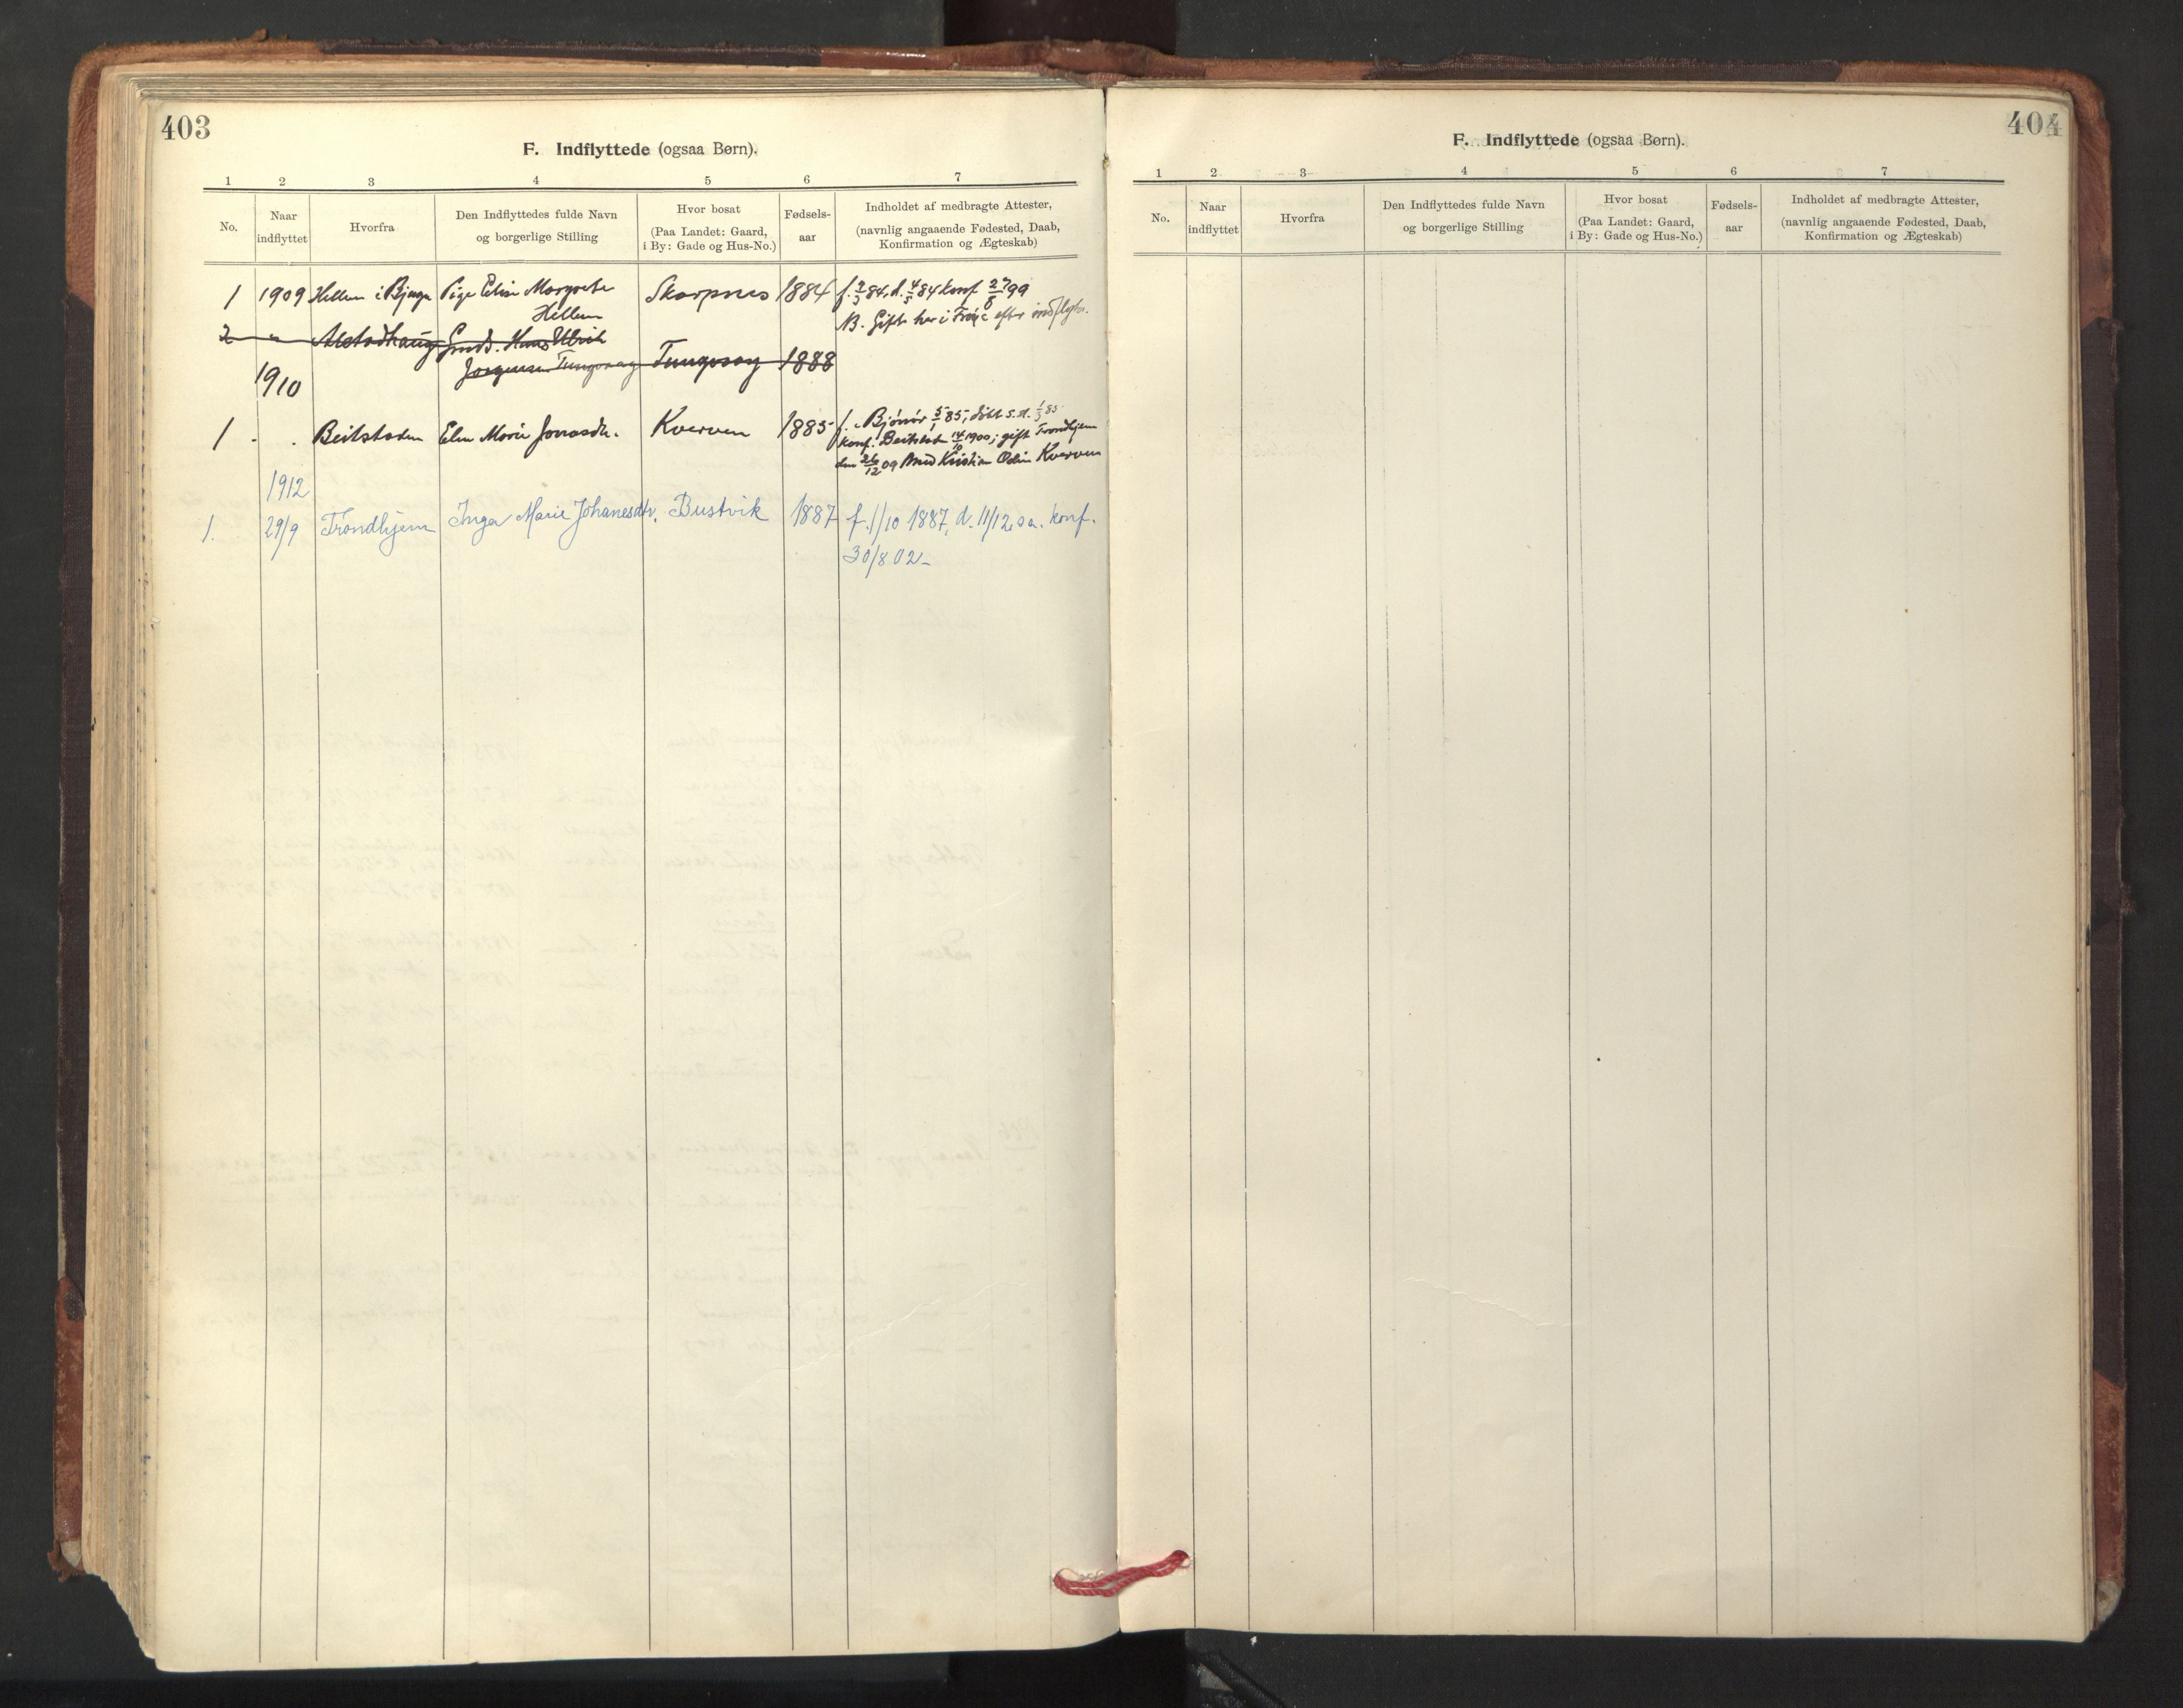 SAT, Ministerialprotokoller, klokkerbøker og fødselsregistre - Sør-Trøndelag, 641/L0596: Ministerialbok nr. 641A02, 1898-1915, s. 403-404